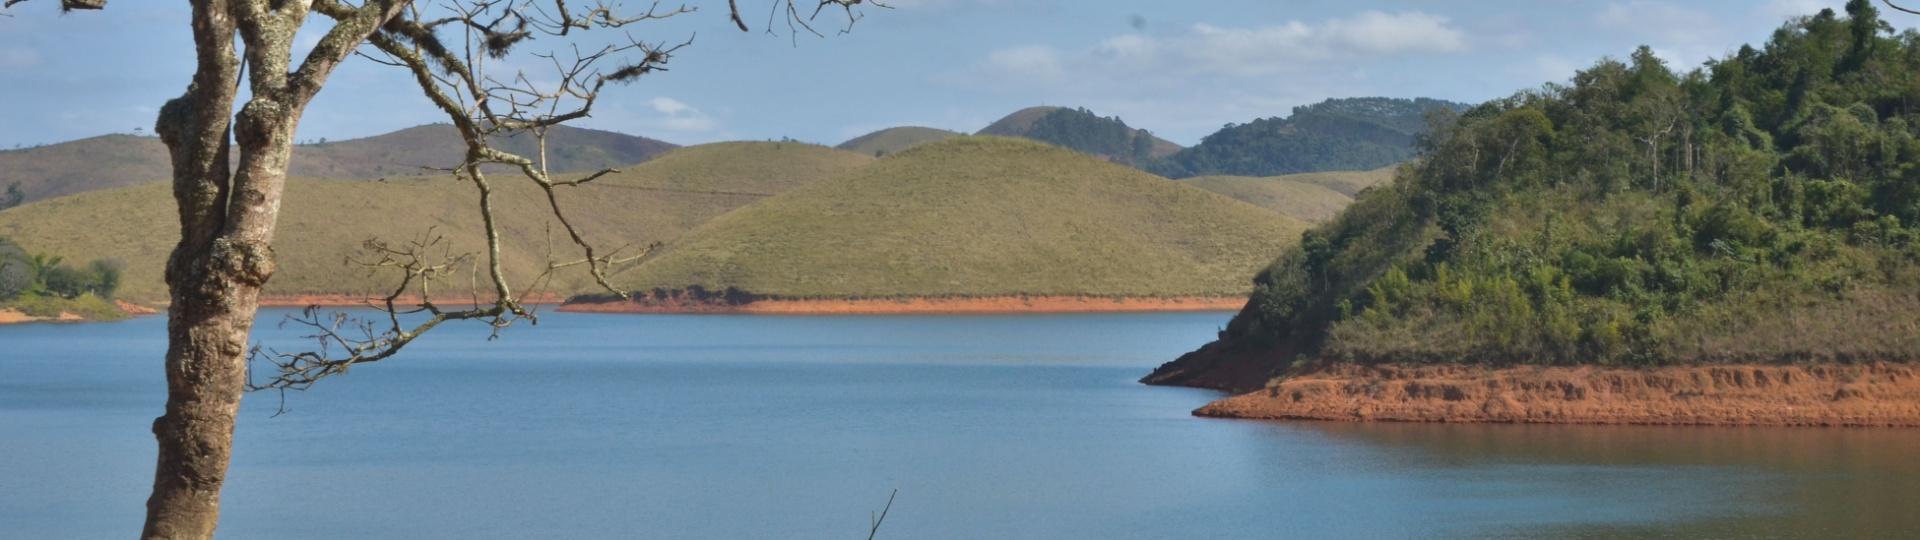 28.jul.2016 - Vista da Represa do Jaguari, que integra o Sistema Cantareira de abastecimento de água, em Jacareí, interior paulista